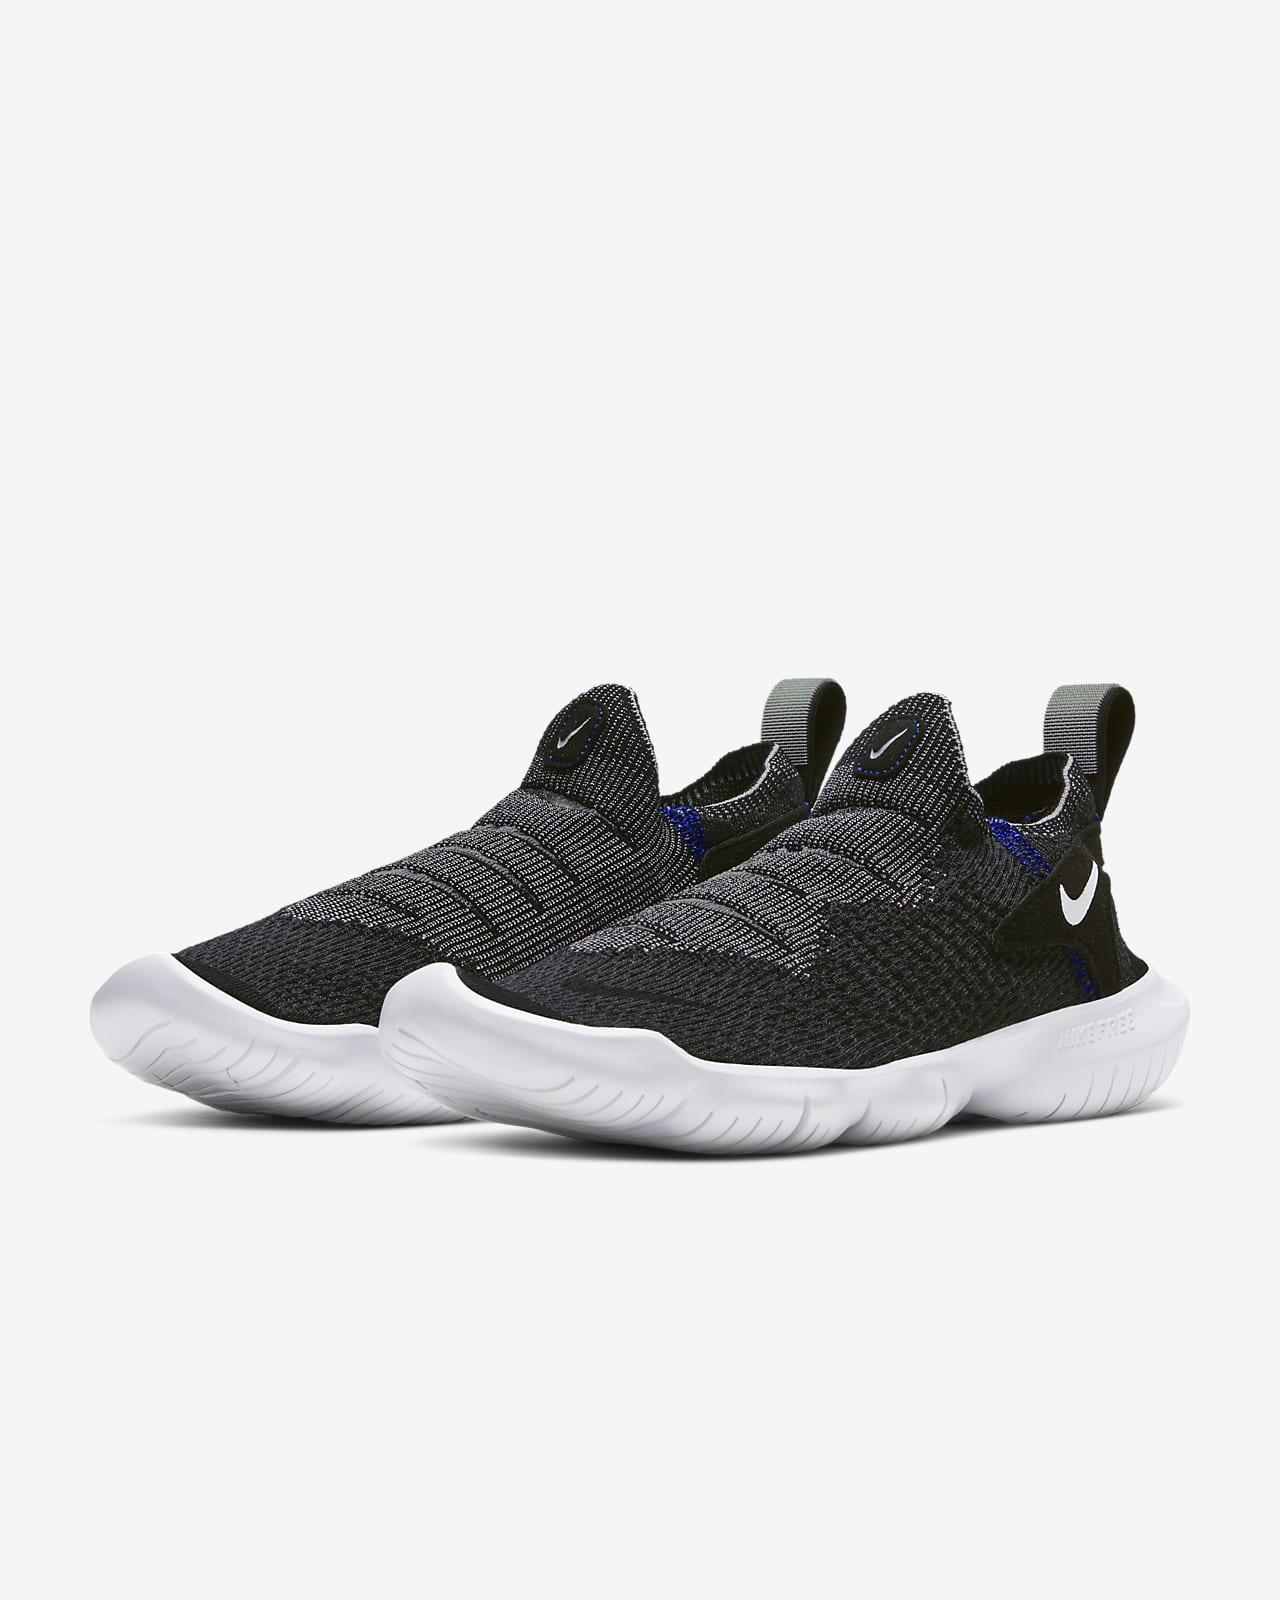 Nike Free RN Flyknit 3.0 2020 Women's